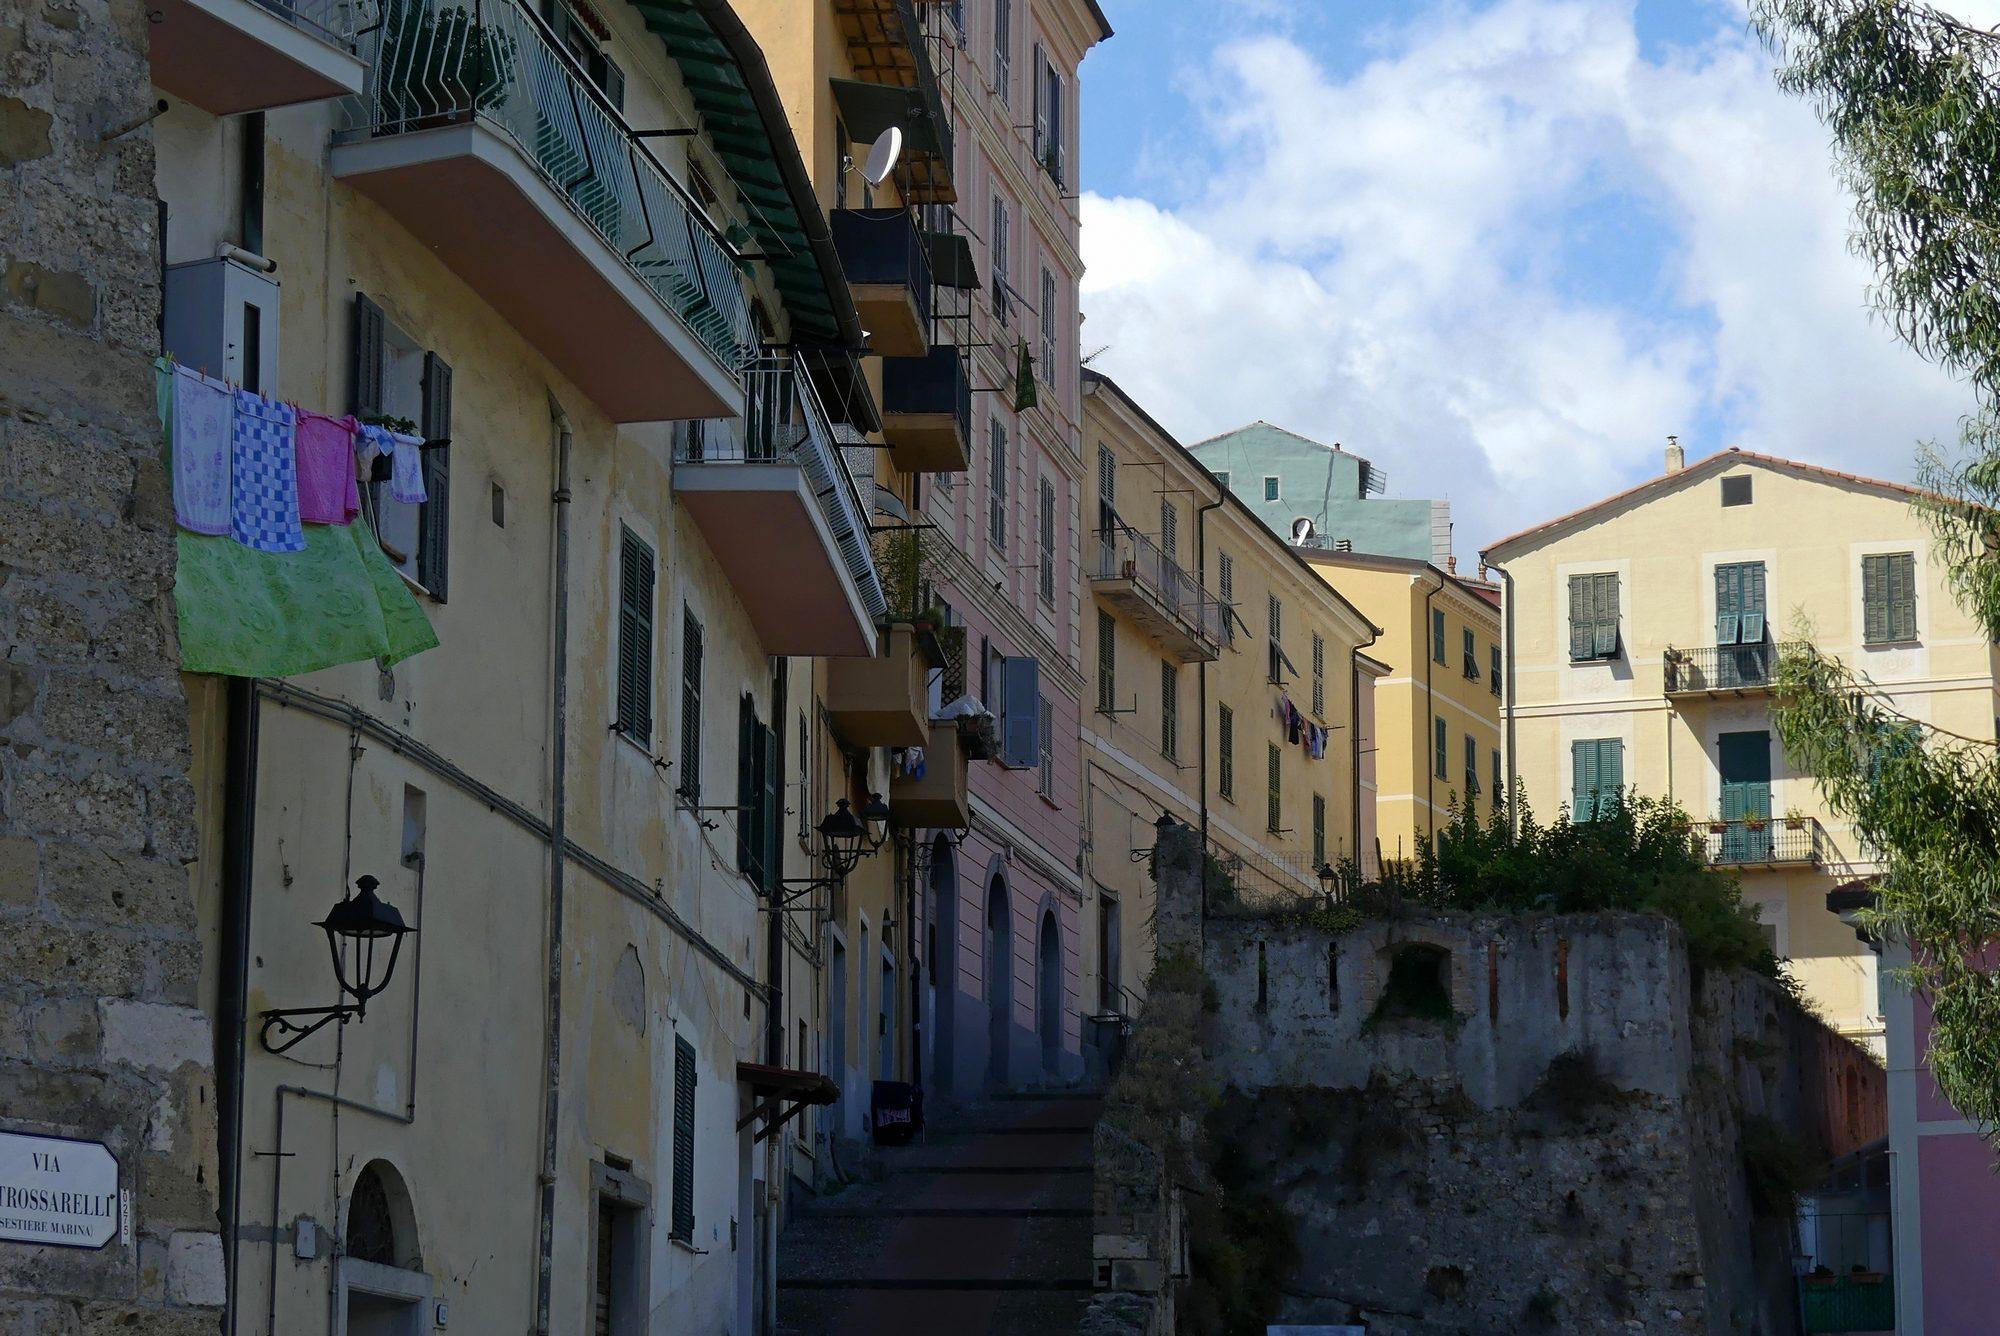 Treppe in die Altstadt von Ventimiglia